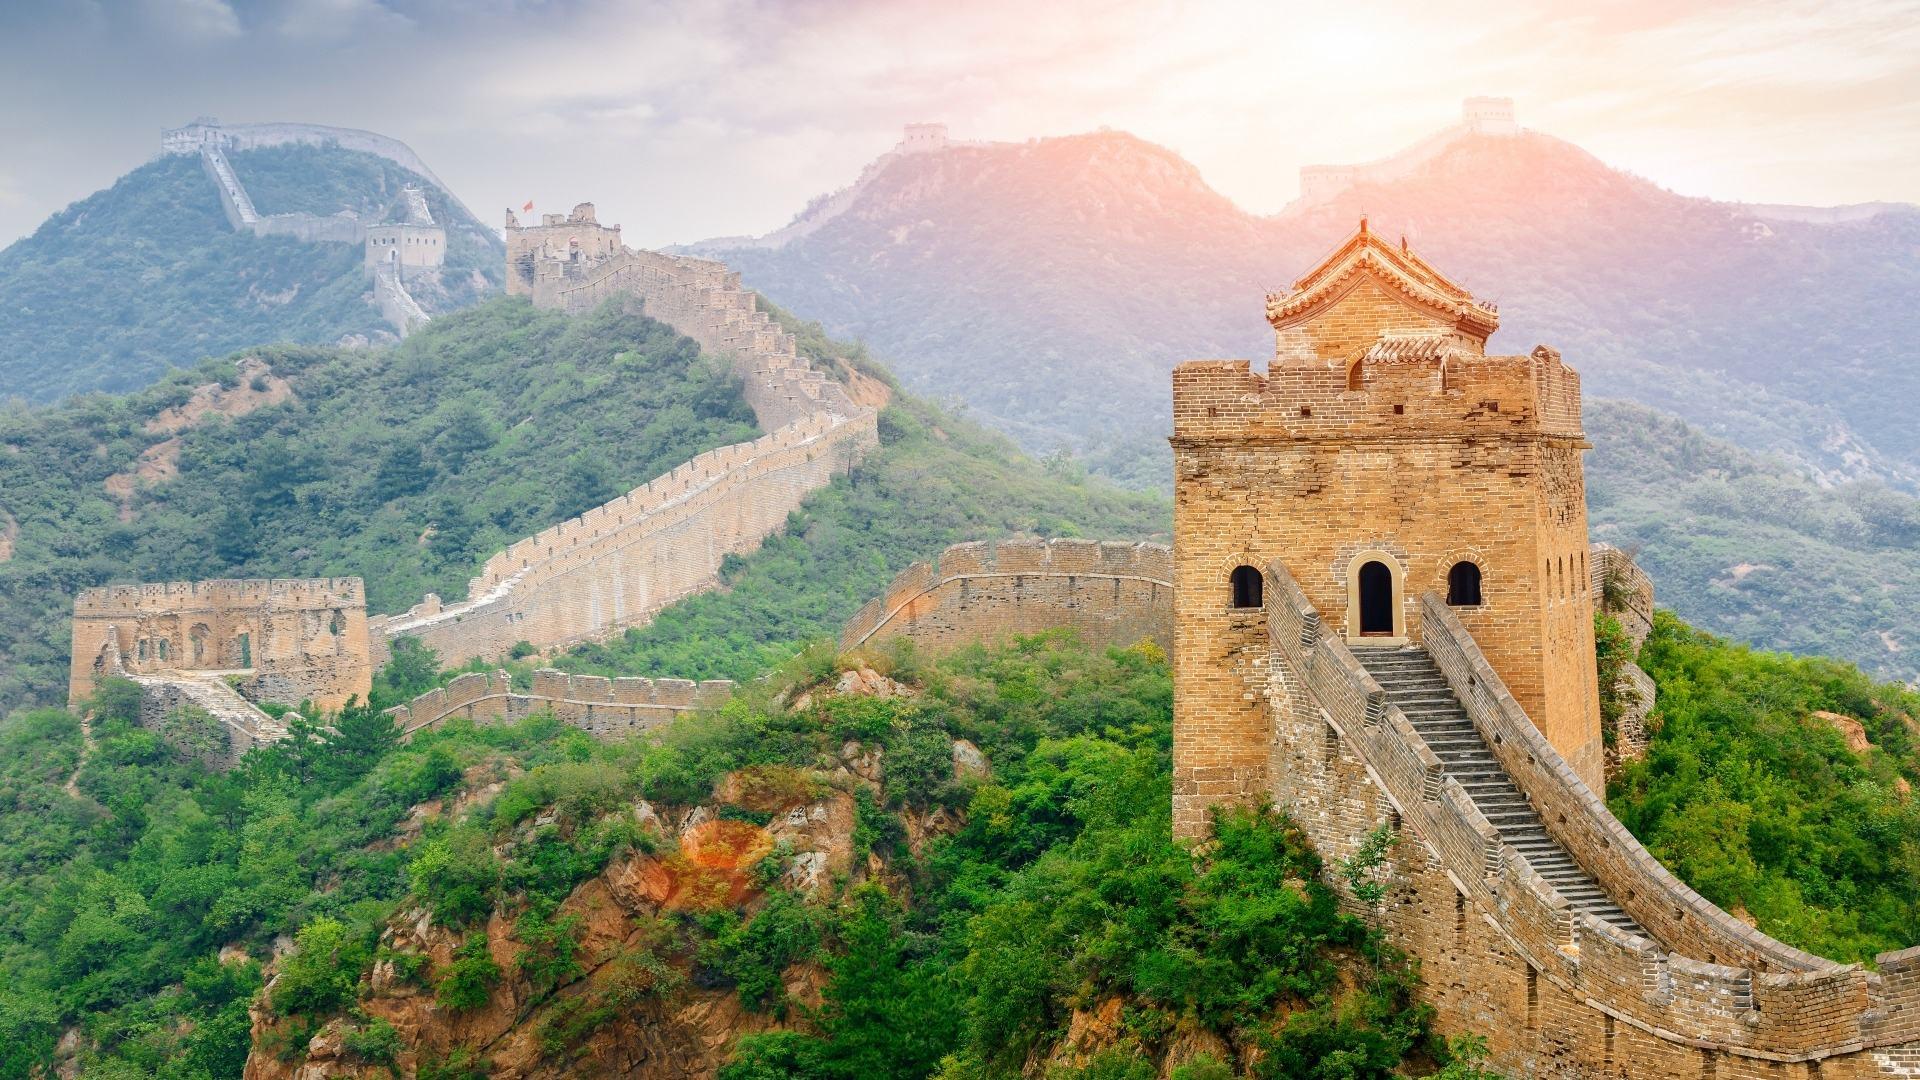 中国十大名胜景点_最美的风景就在路上,中国10大名胜古迹,你去过几个?_黄山